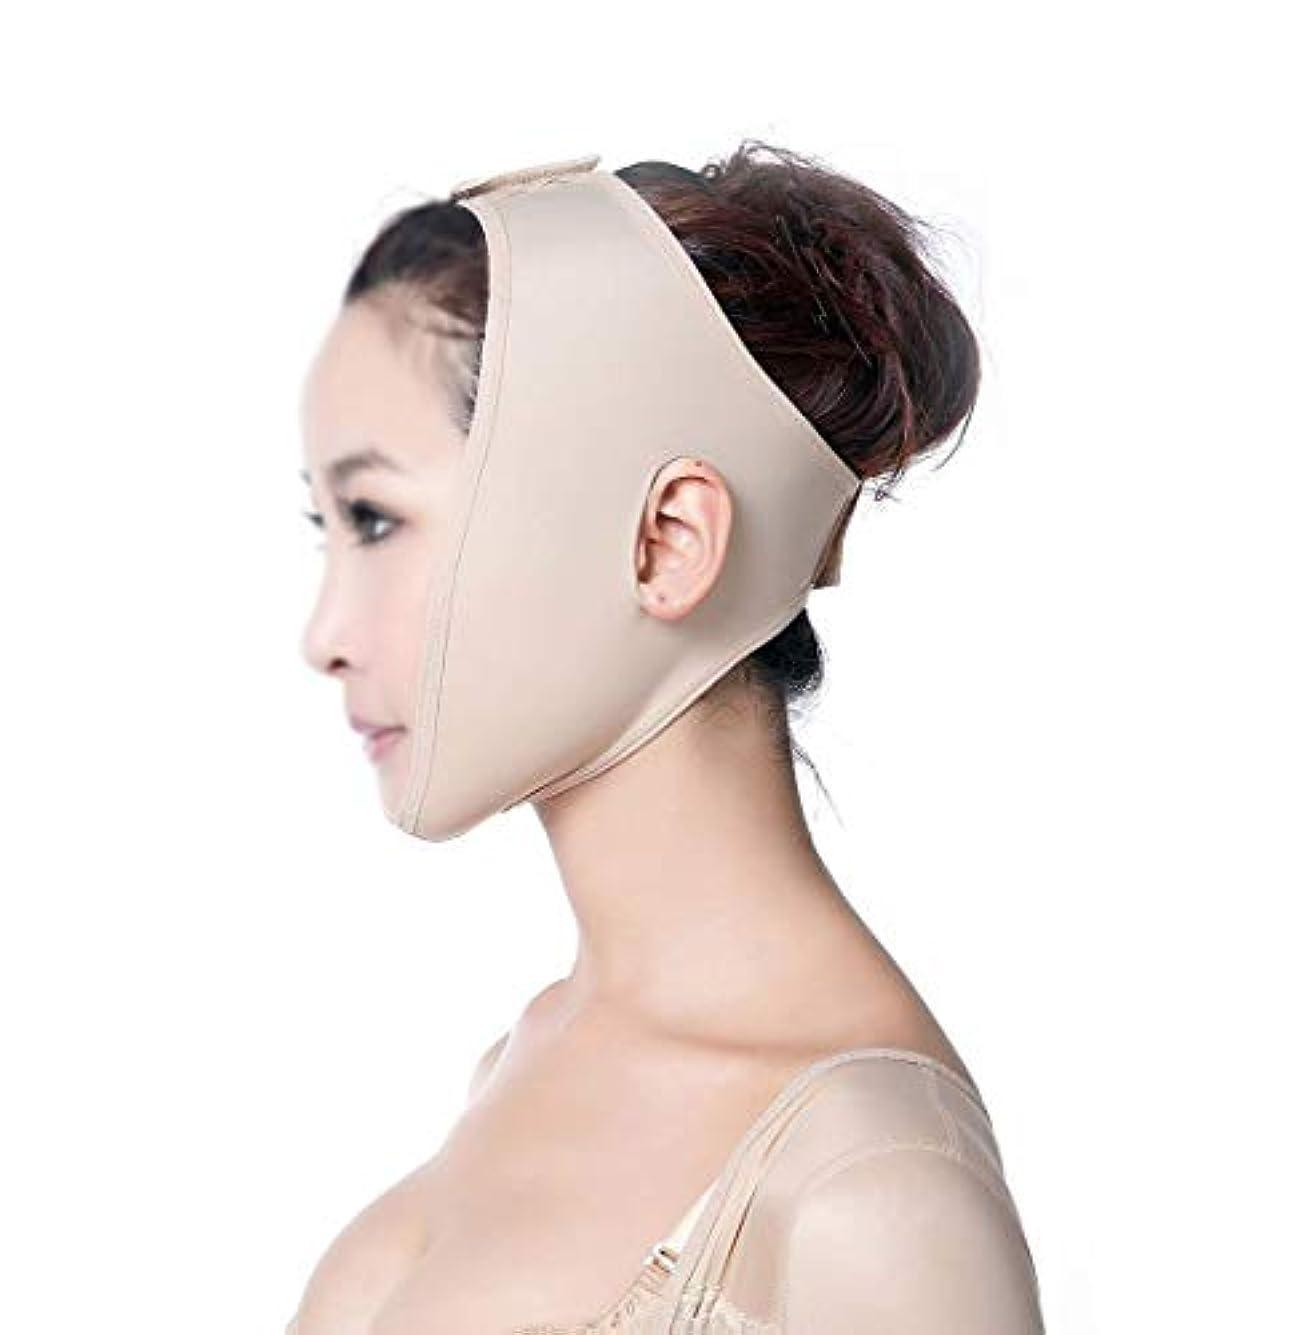 輸血テザー作動するフェイスリフトマスクフェイスアンドネックリフトポストエラスティックスリーブ下顎骨セットフェイスアーティファクトVフェイスフェイシャルフェイスバンドルダブルチンマスク(サイズ:XS)